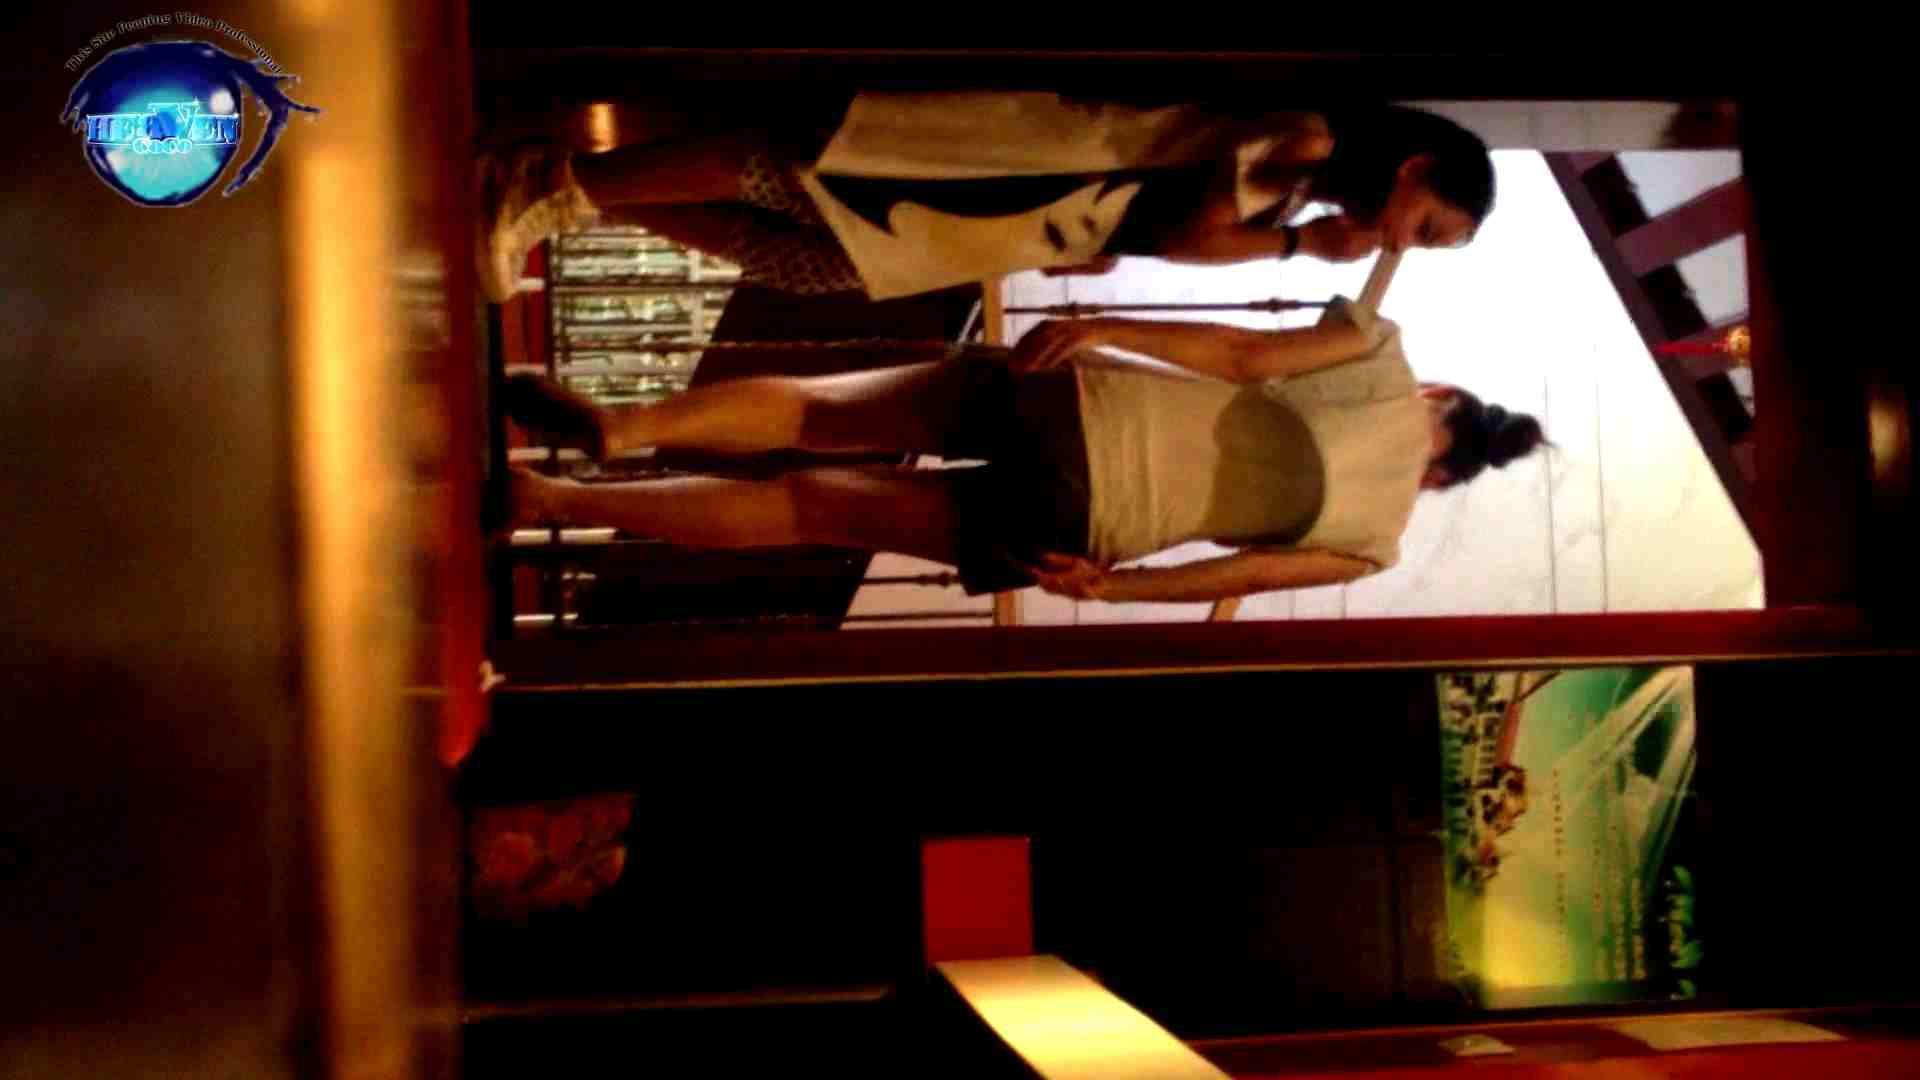 GOD HAND ファッションショッピングセンター盗撮vol.06 OLエロ画像 | 高画質  72PICs 34